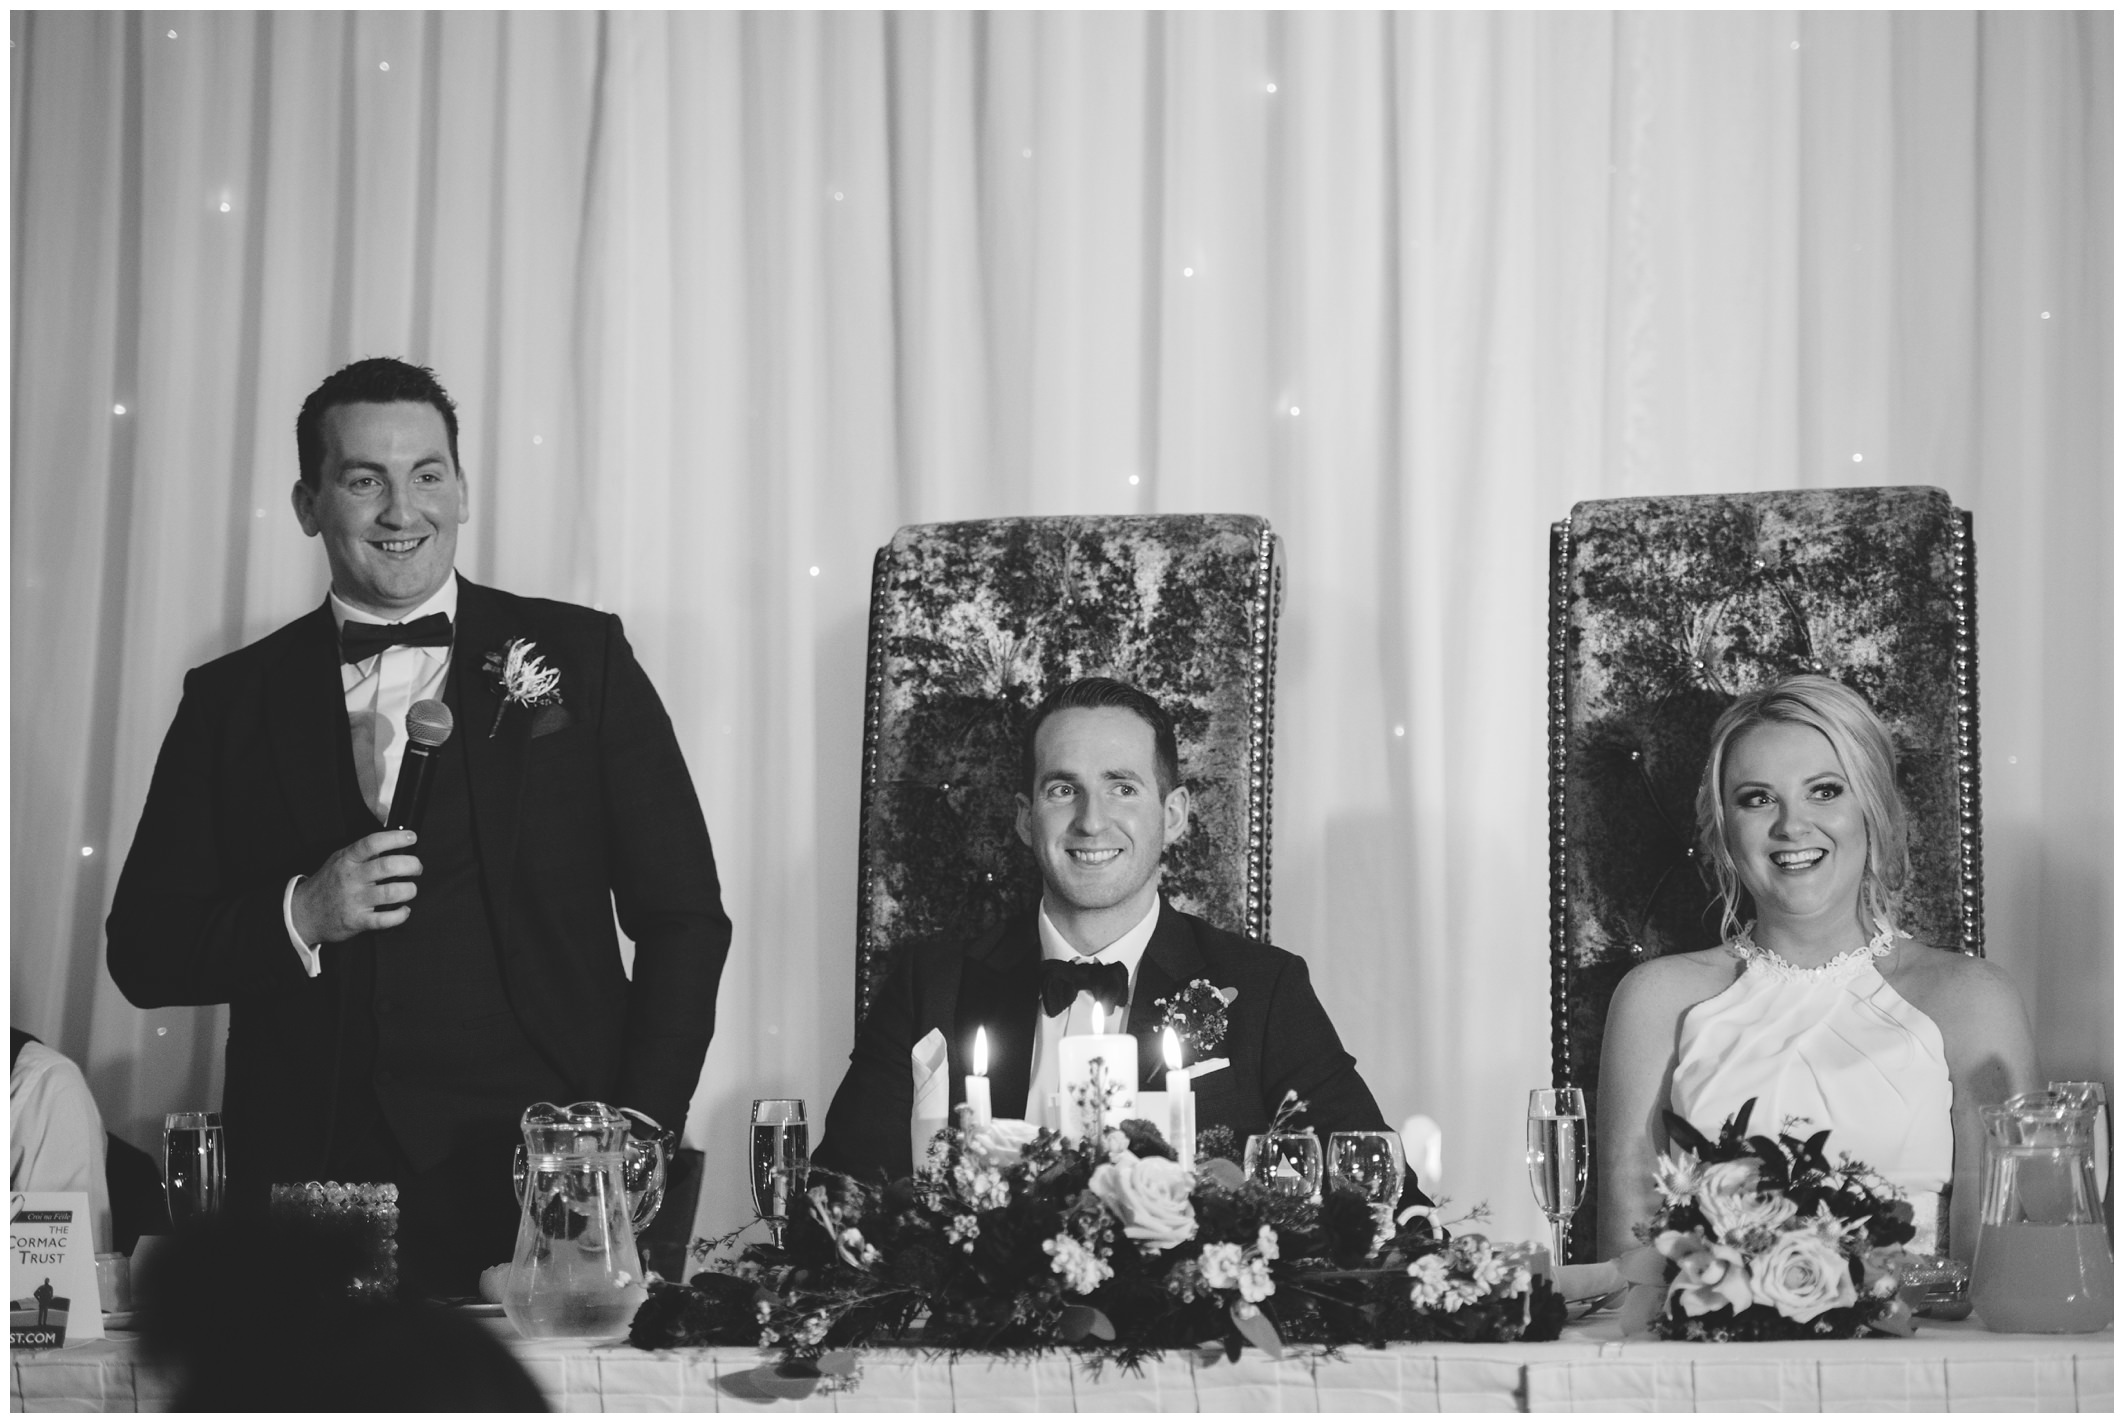 silver_tassie_wedding_jude_browne_photography_0099.jpg